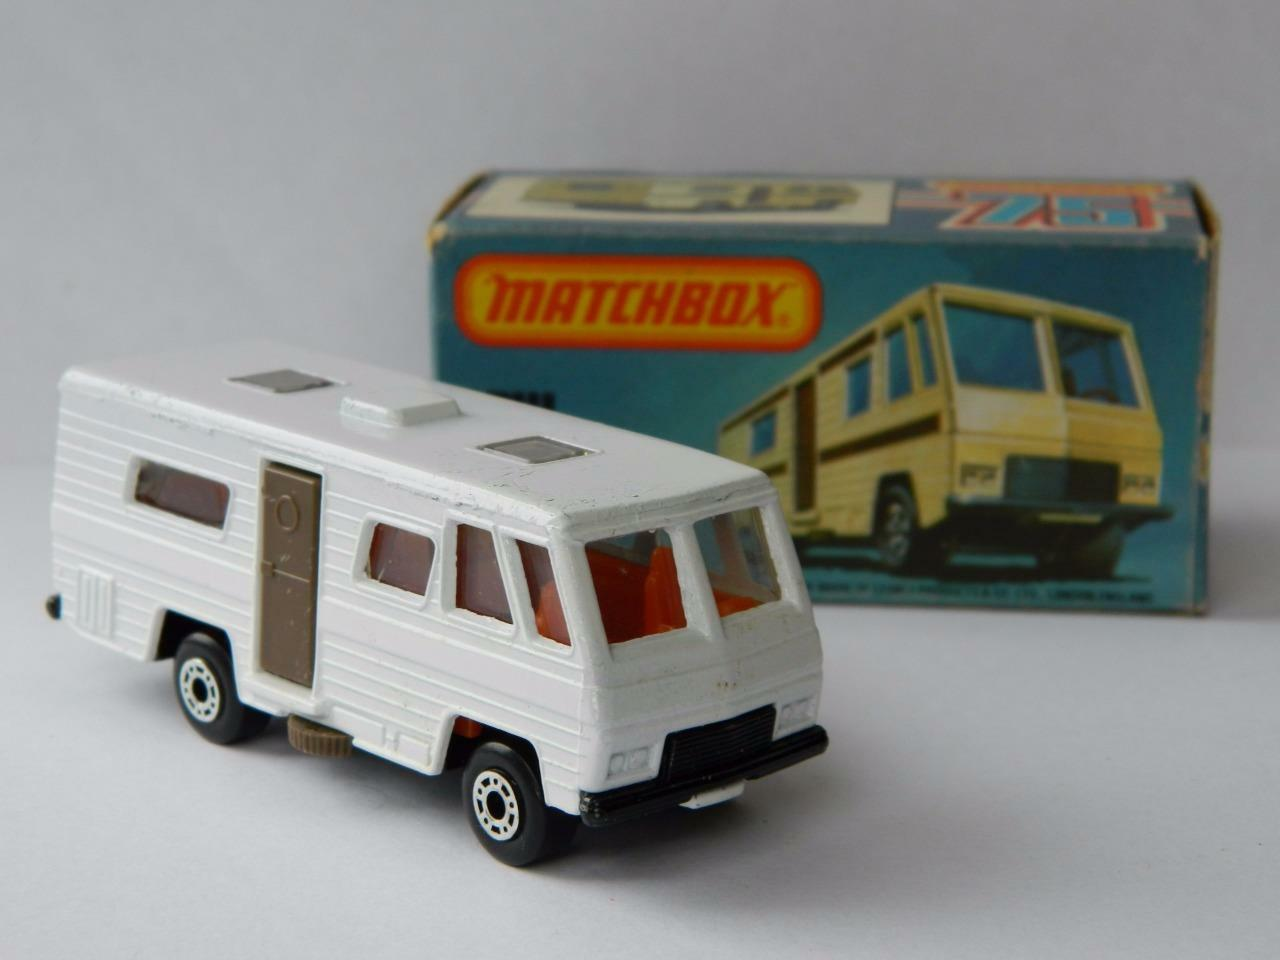 VINTAGE MATCHBOX LESNEY SUPERFAST MOBILE HOME VN MINT IN ORIGINAL L BOX 1980